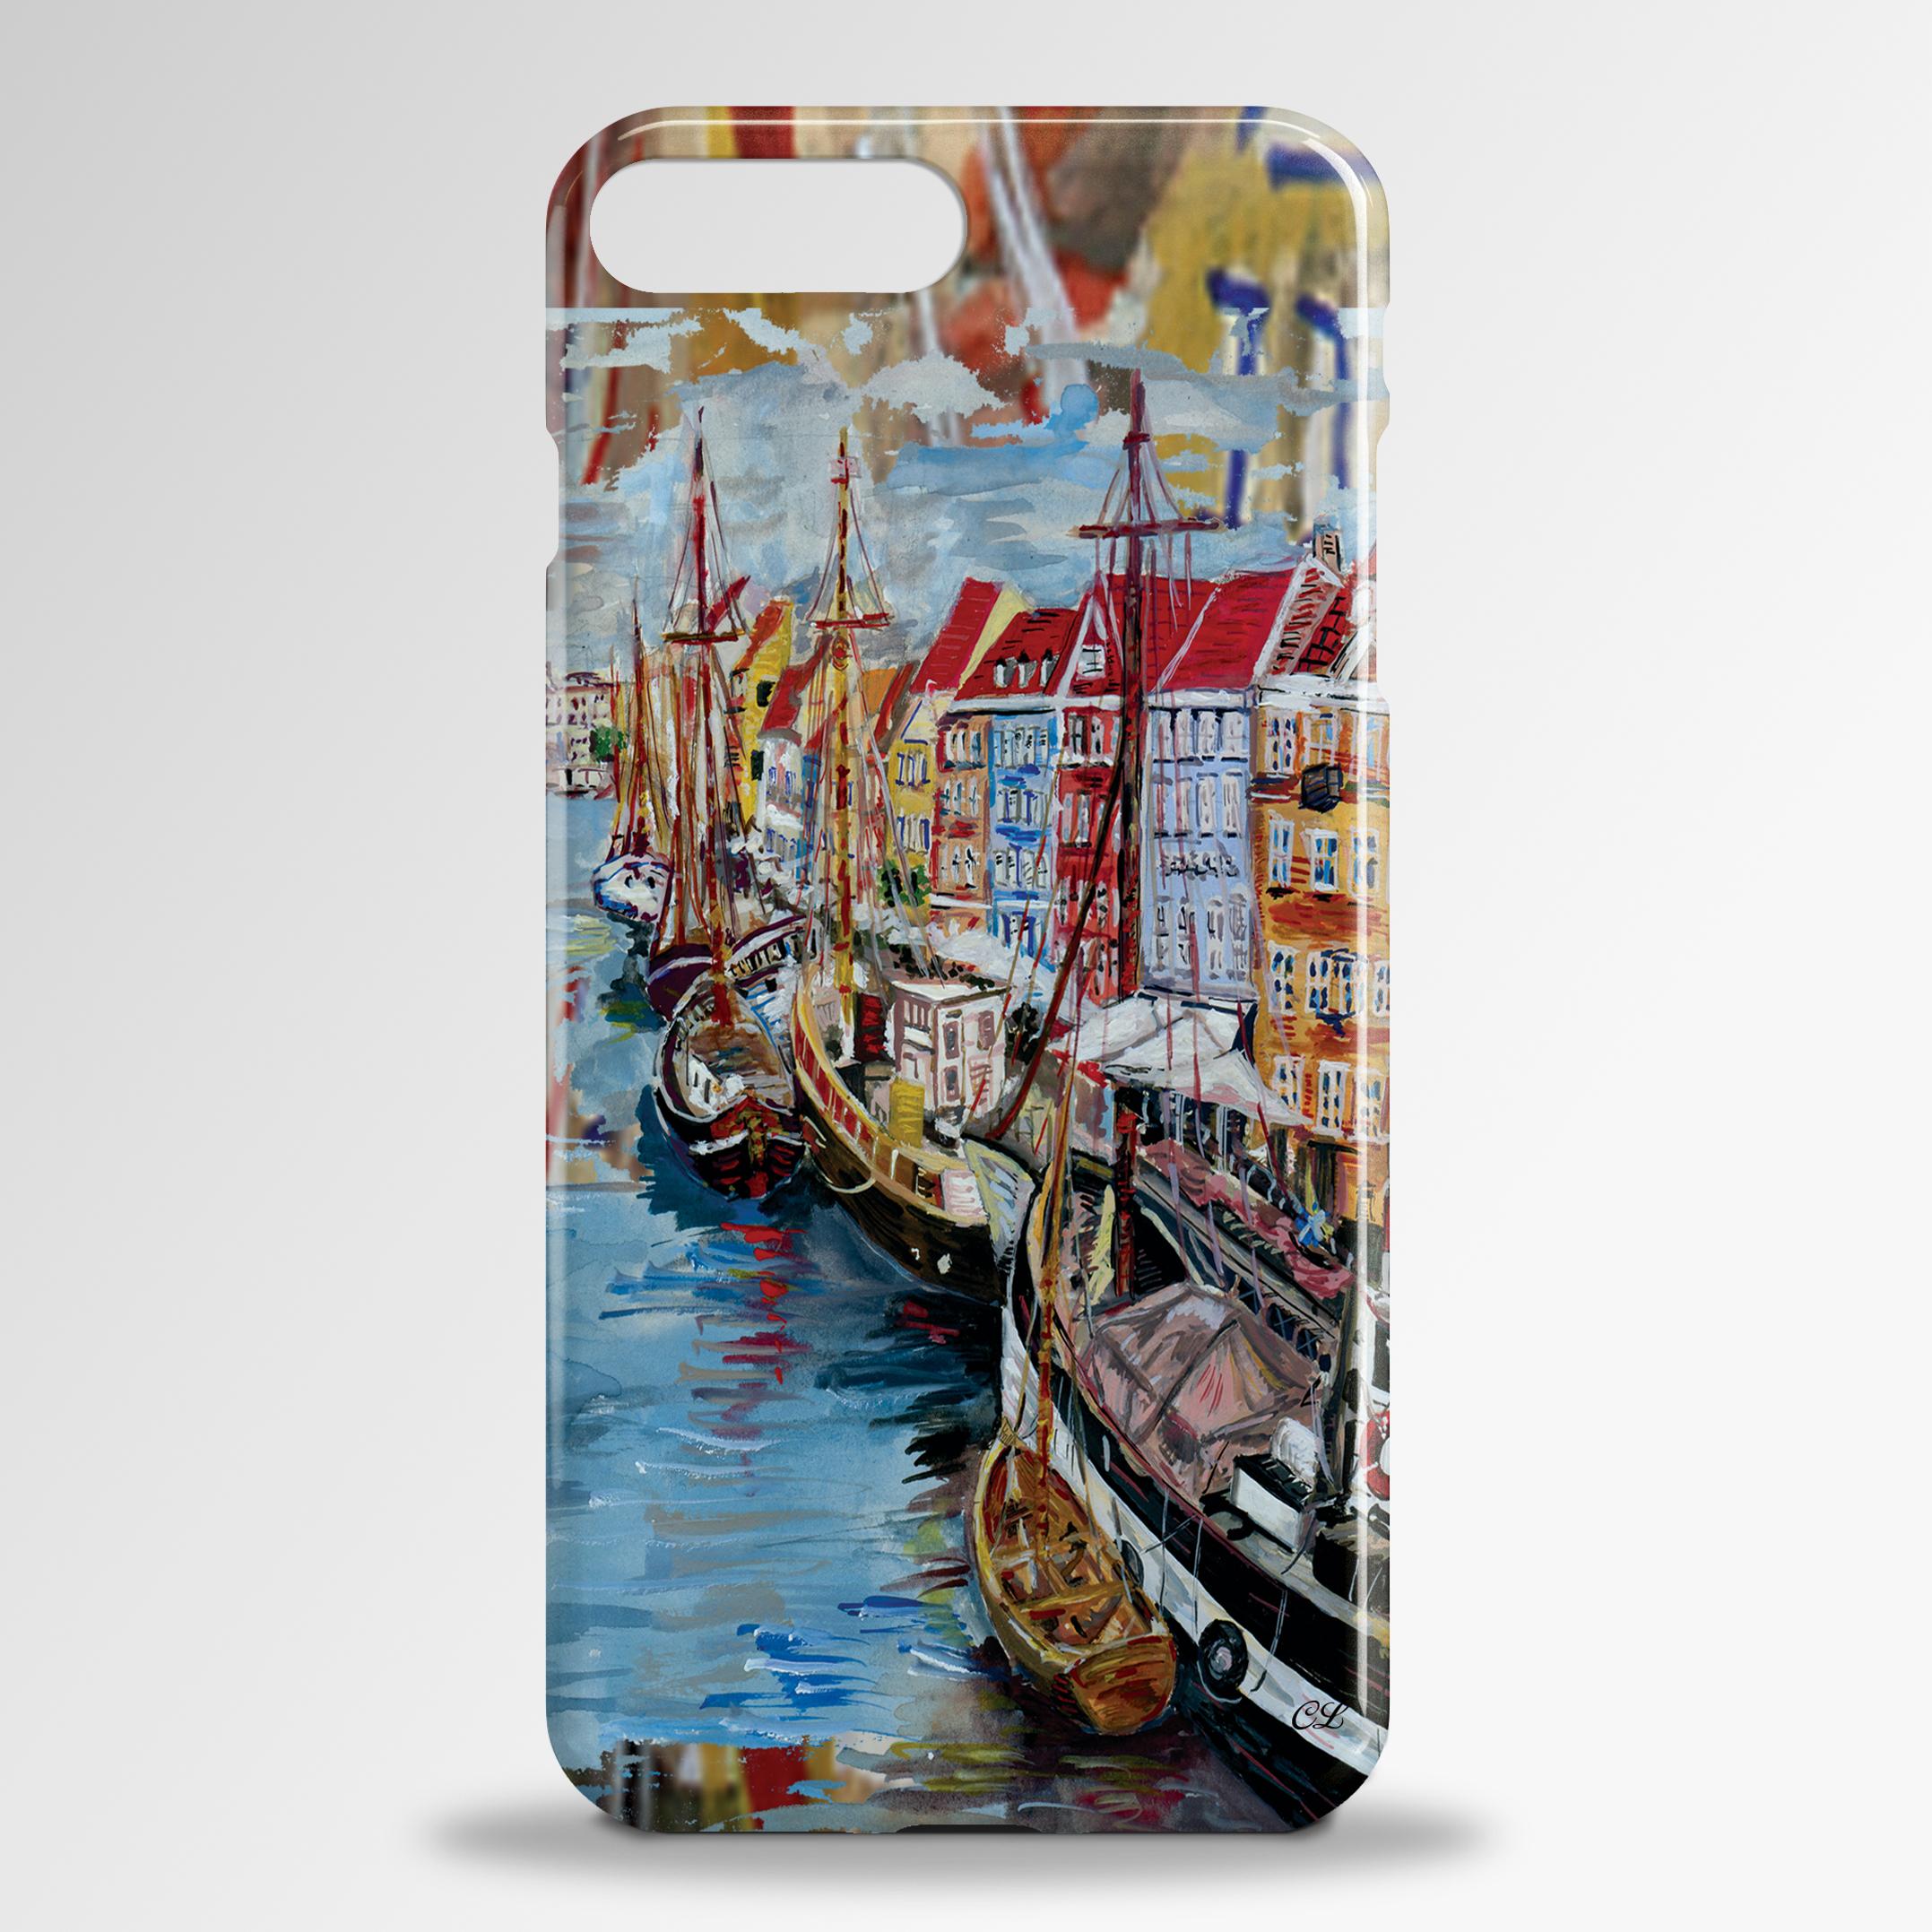 Tourist Designed iPhone Cases